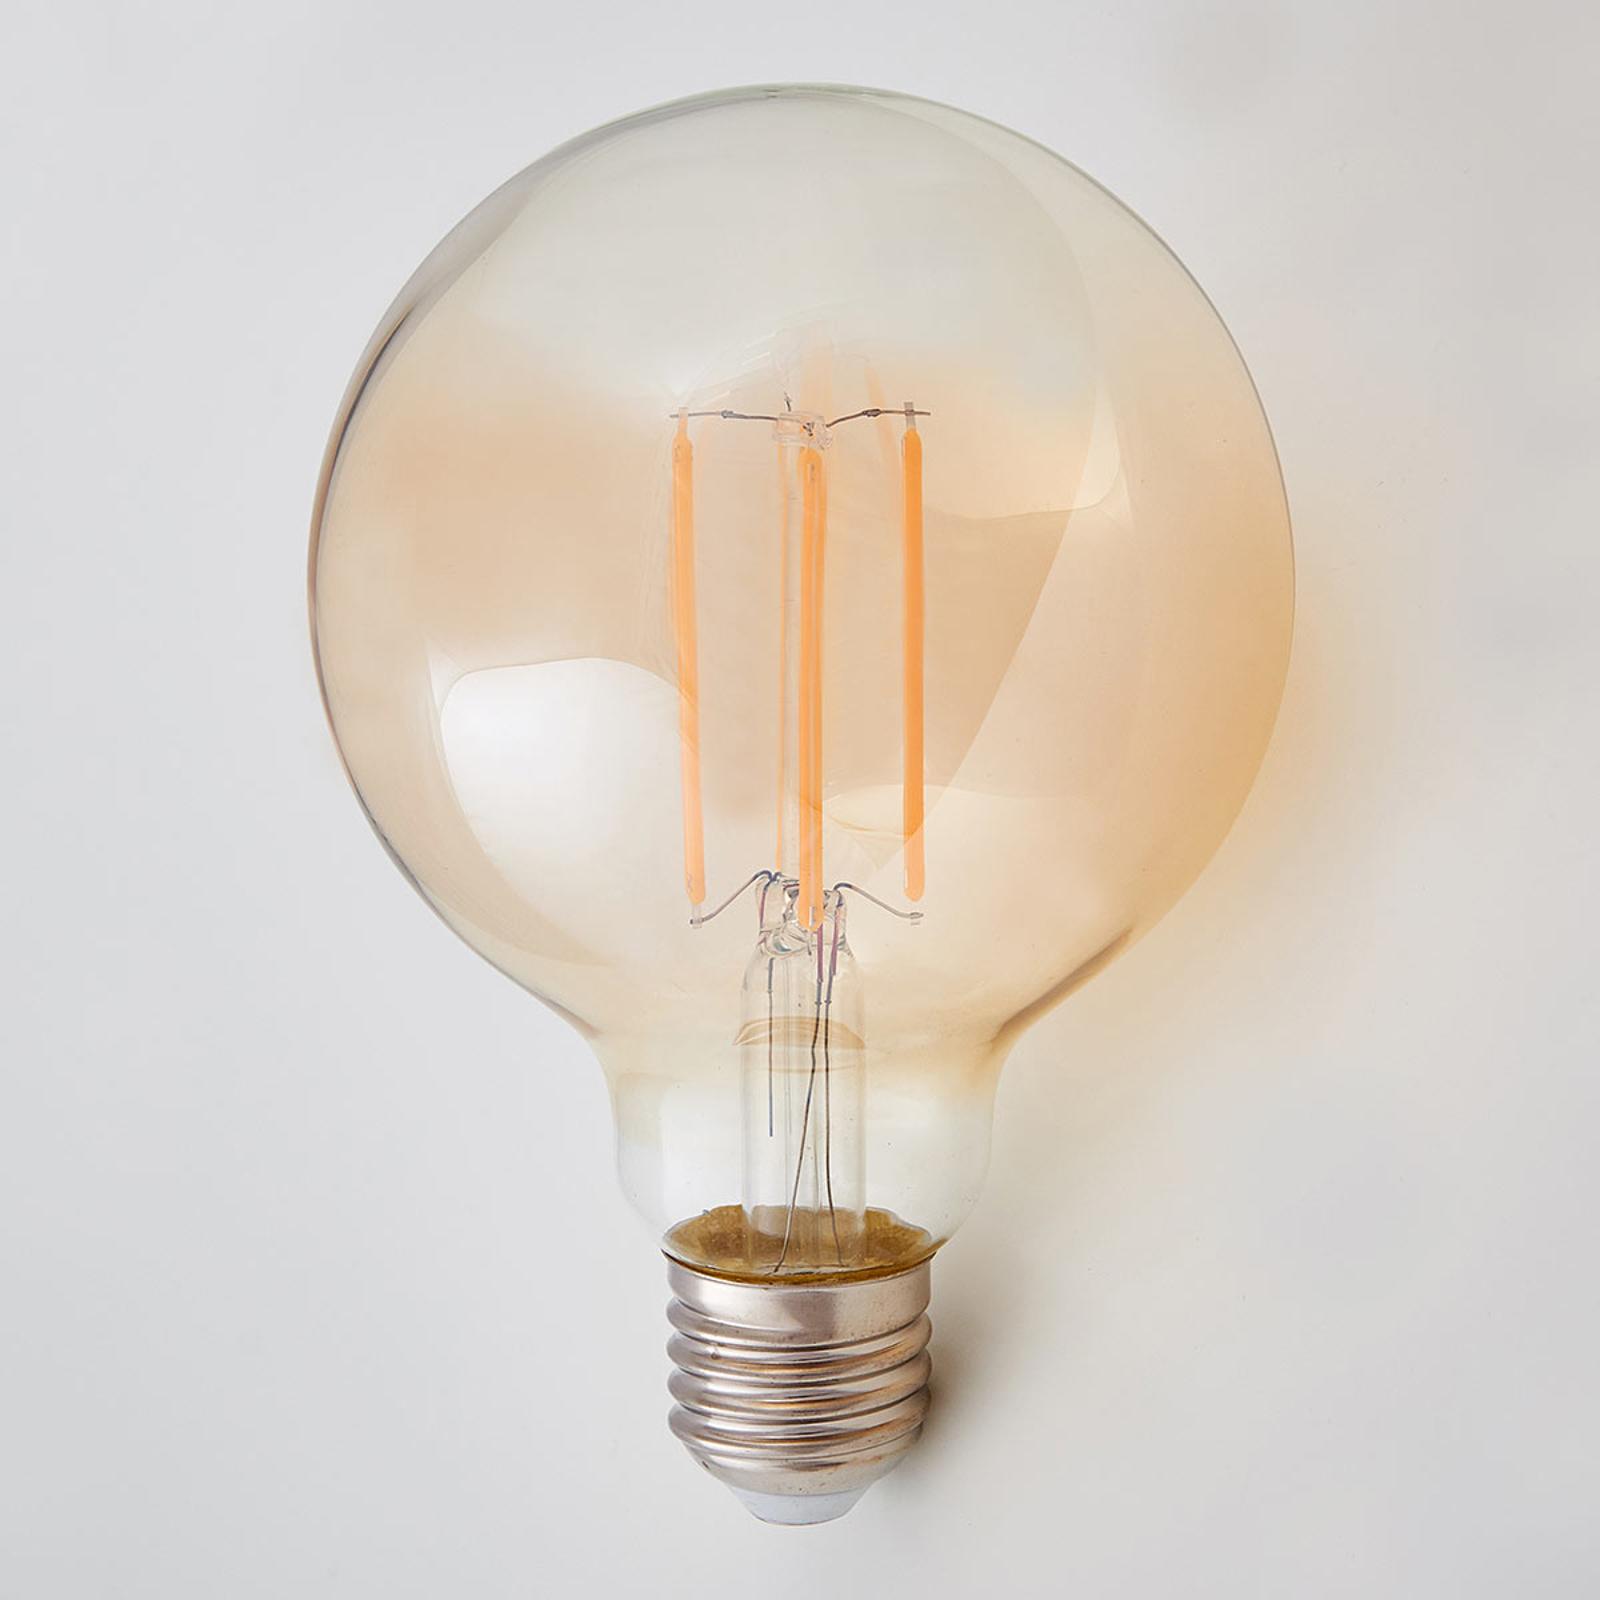 E27 LED-globepære filament 6W, 500 lm, 2700K, rav